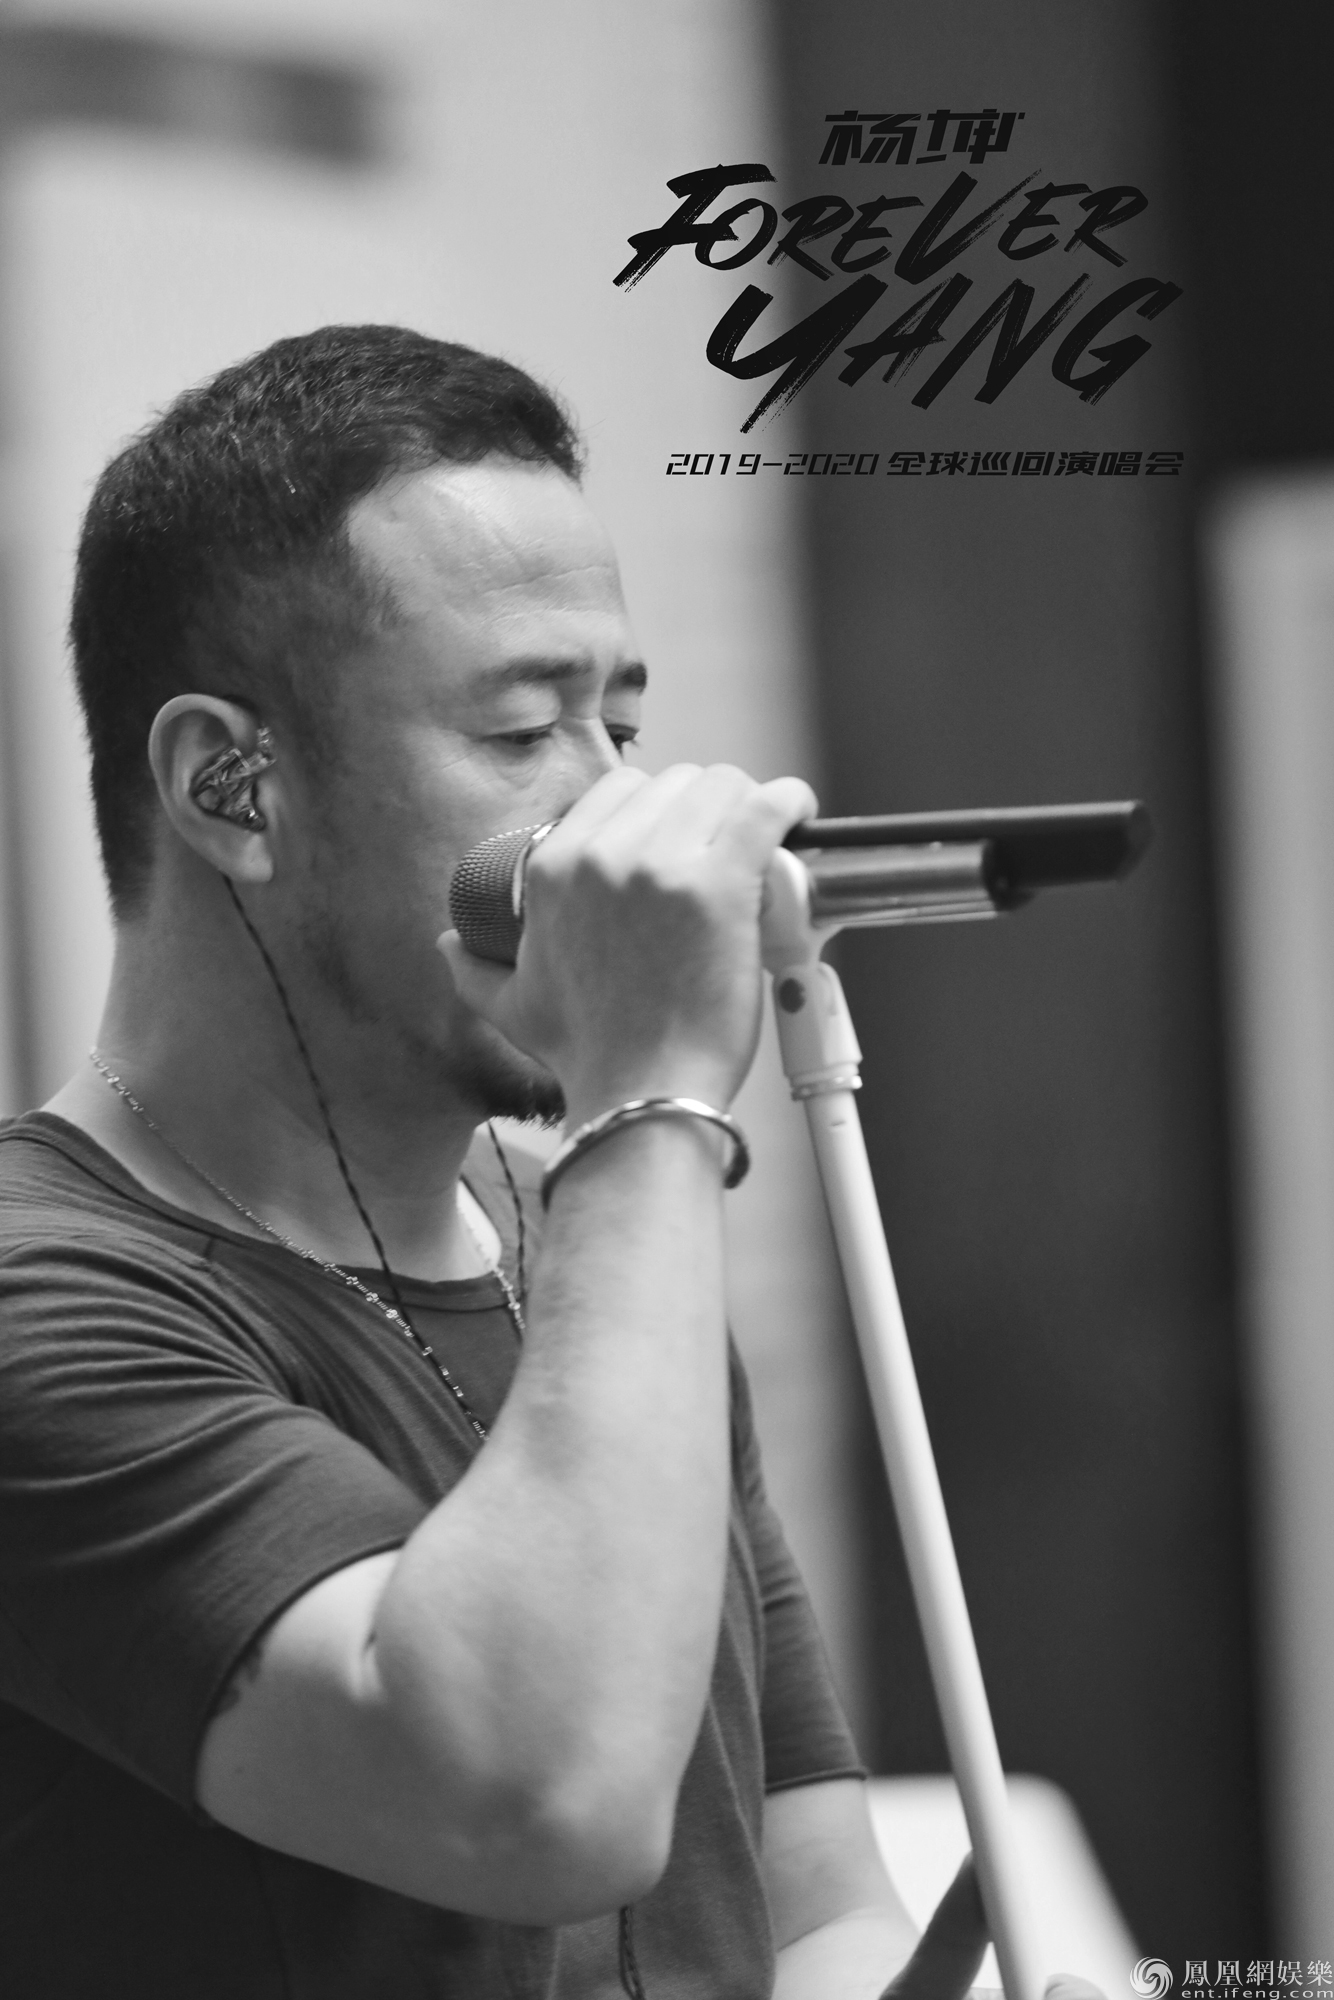 杨坤 演唱会 歌迷 歌曲 磁性 嗓音 乐队 新专辑 单曲 专辑 南京 旋律 歌词 舞台